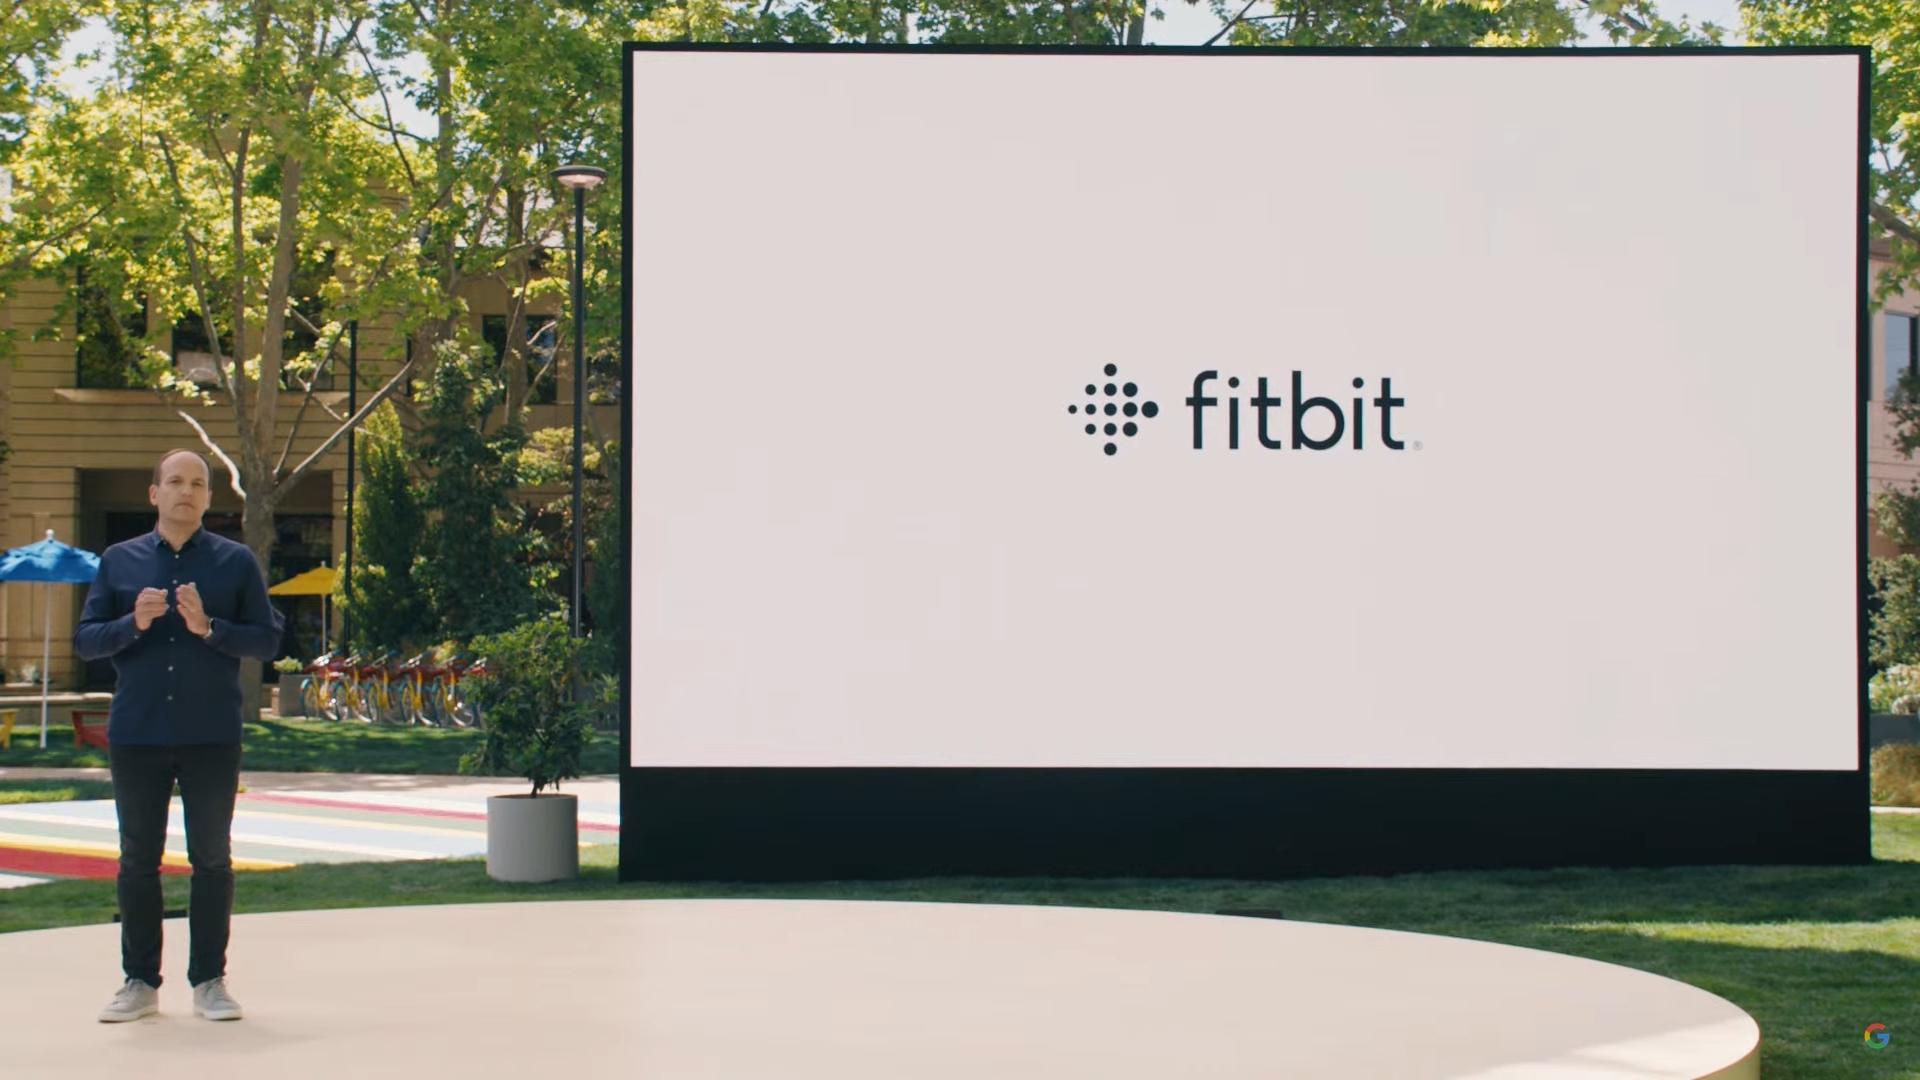 Google IO 2021 Bjorn Kilburn talks fitbit parnership